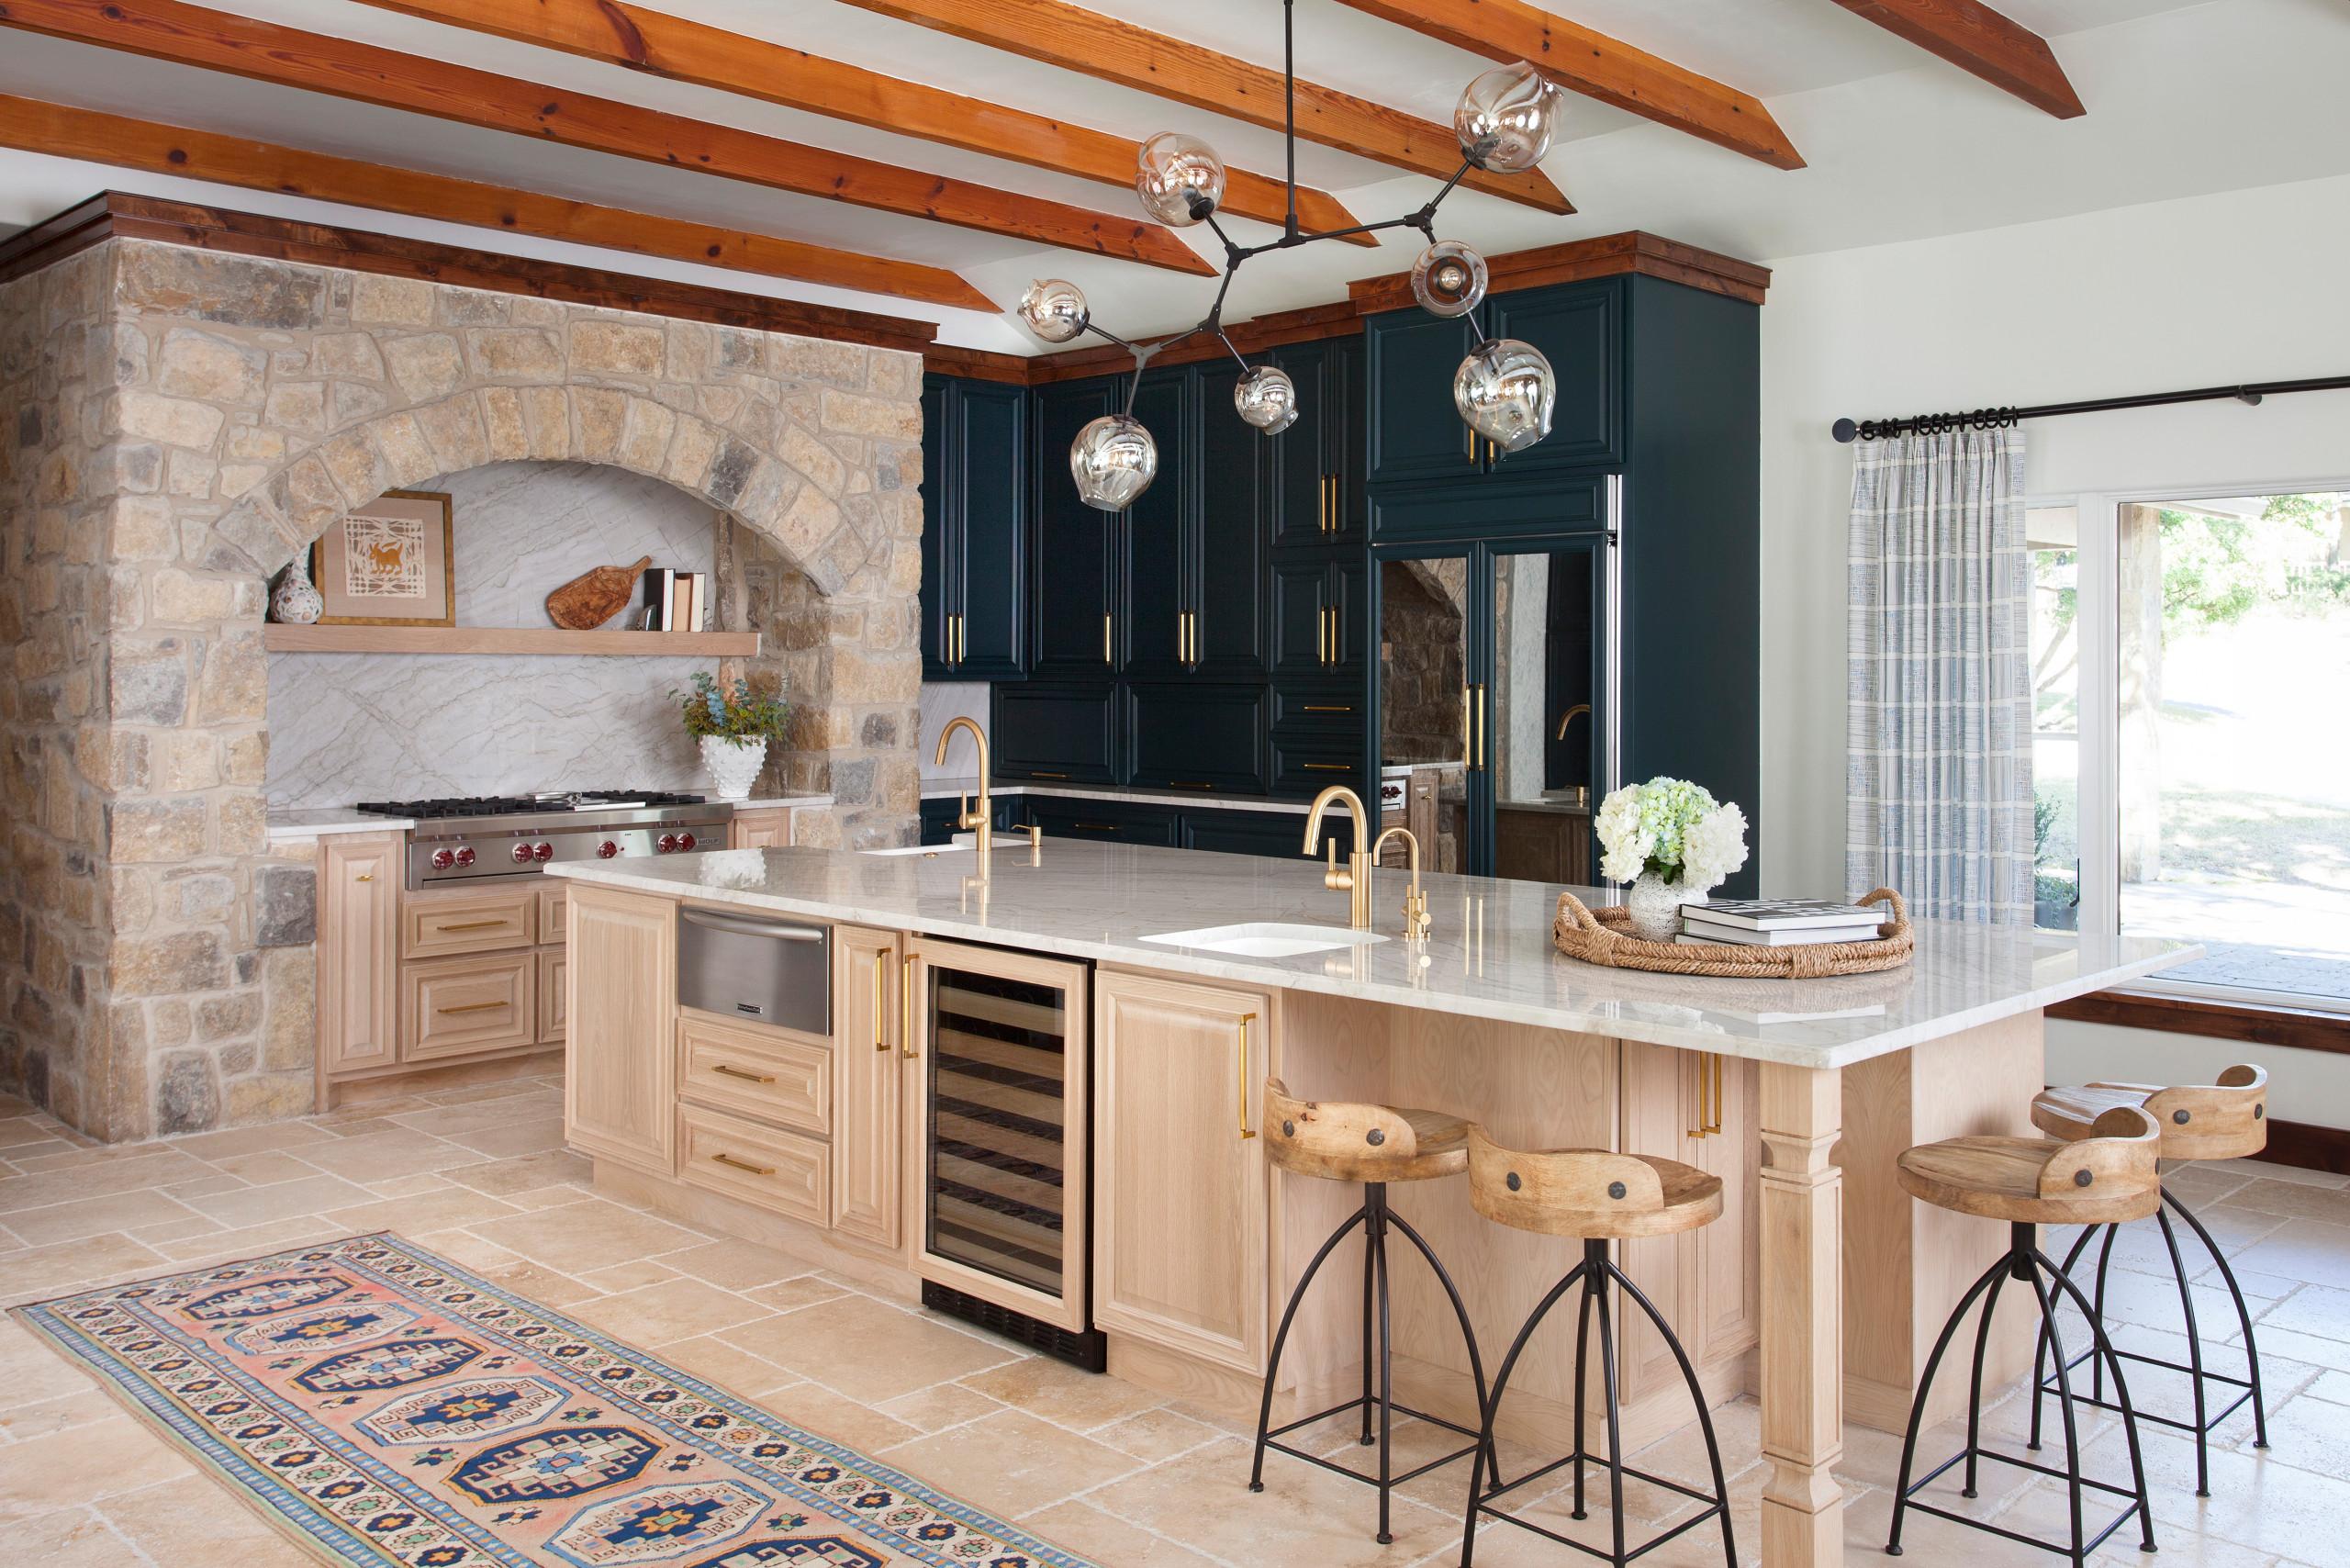 75 Beautiful Mediterranean Kitchen Pictures Ideas April 2021 Houzz